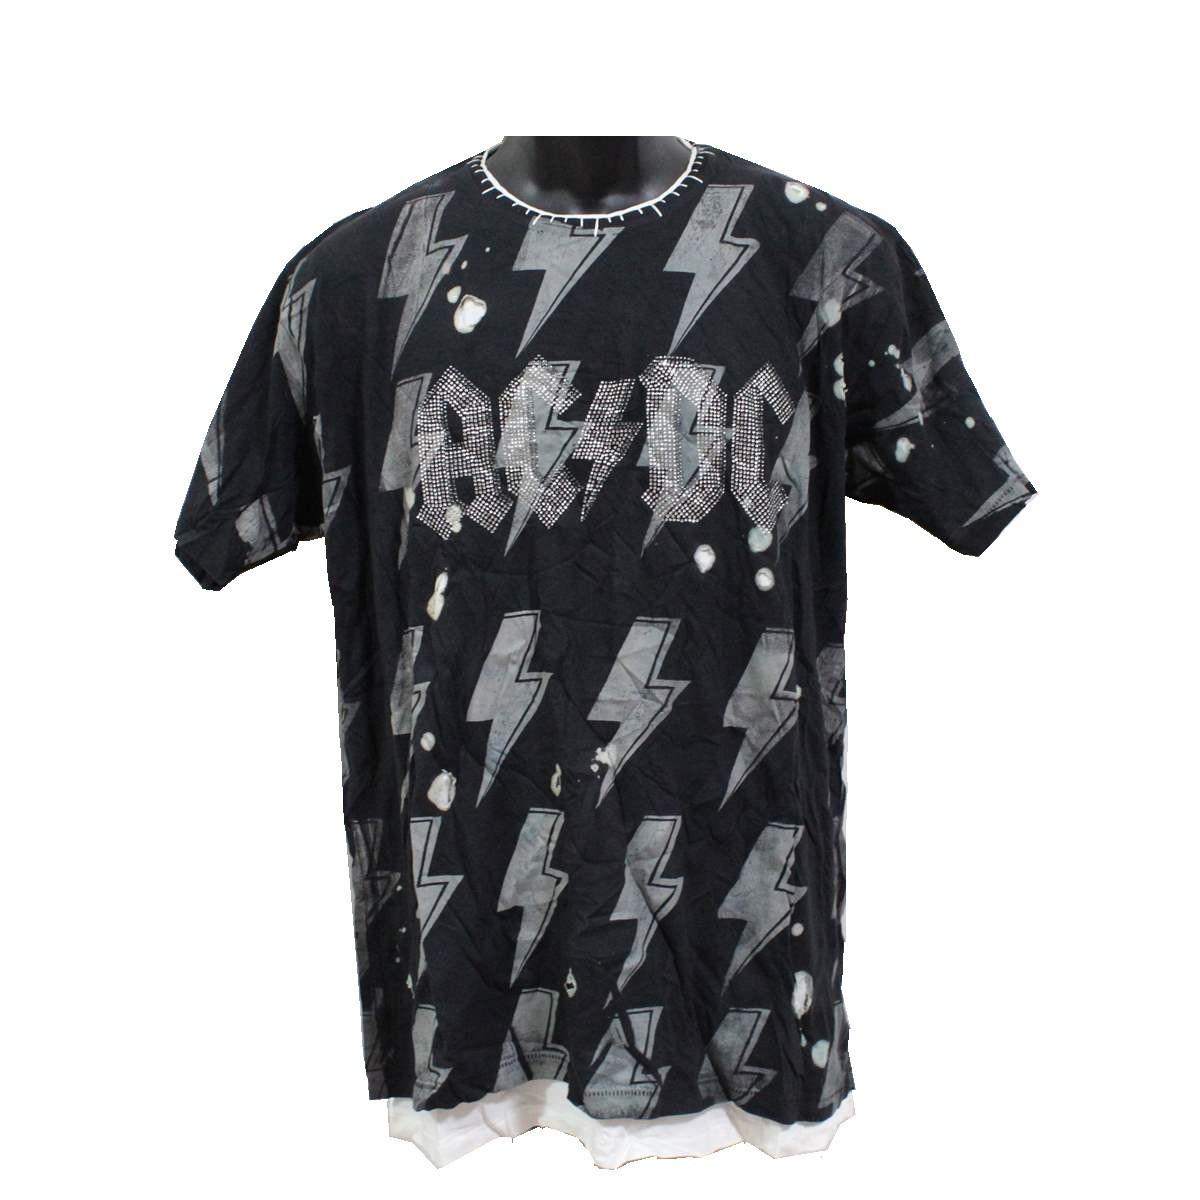 サディスティックアクション SADISTIC ACTION アイコニック ICONIC COTURE メンズ半袖Tシャツ AC/DC XLサイズ 新品_画像1